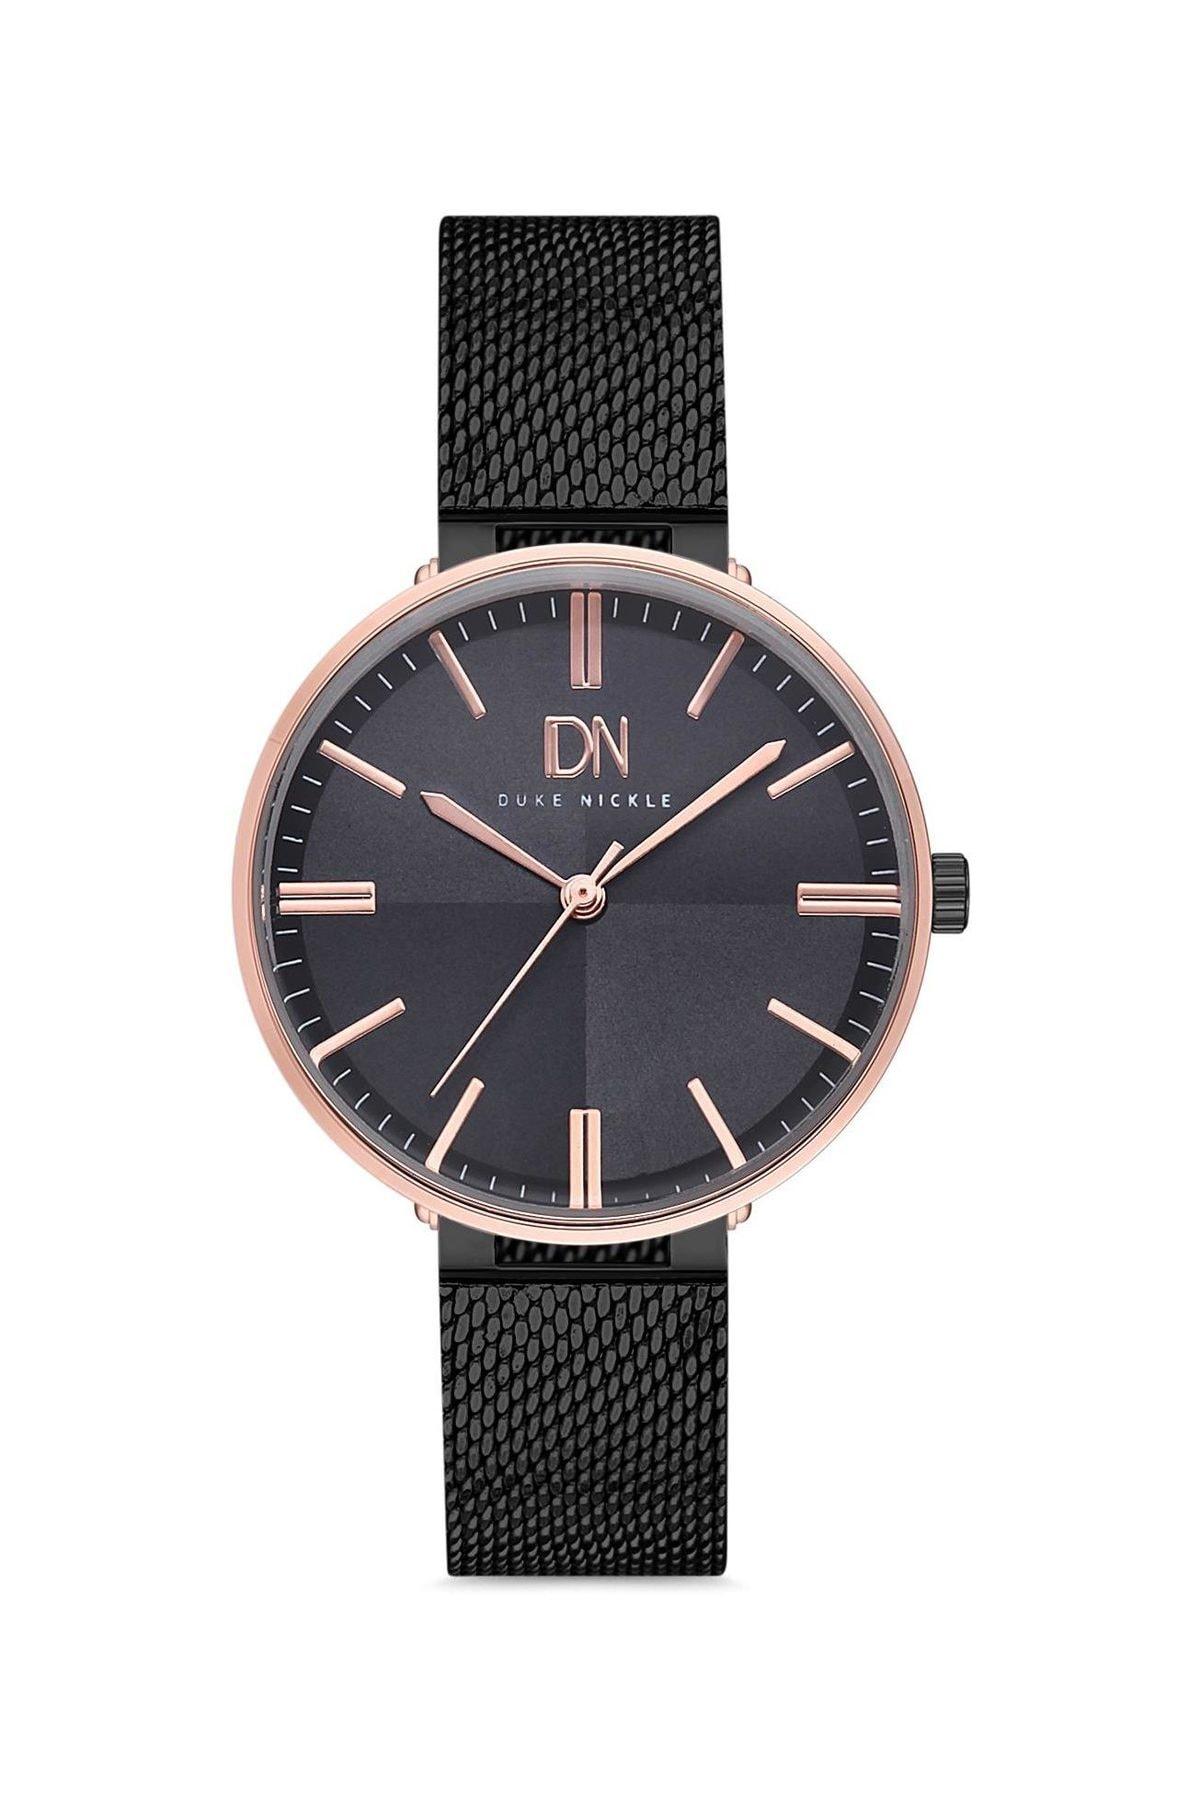 Duke Nickle Kadın Kol Saati XBG17002D 1